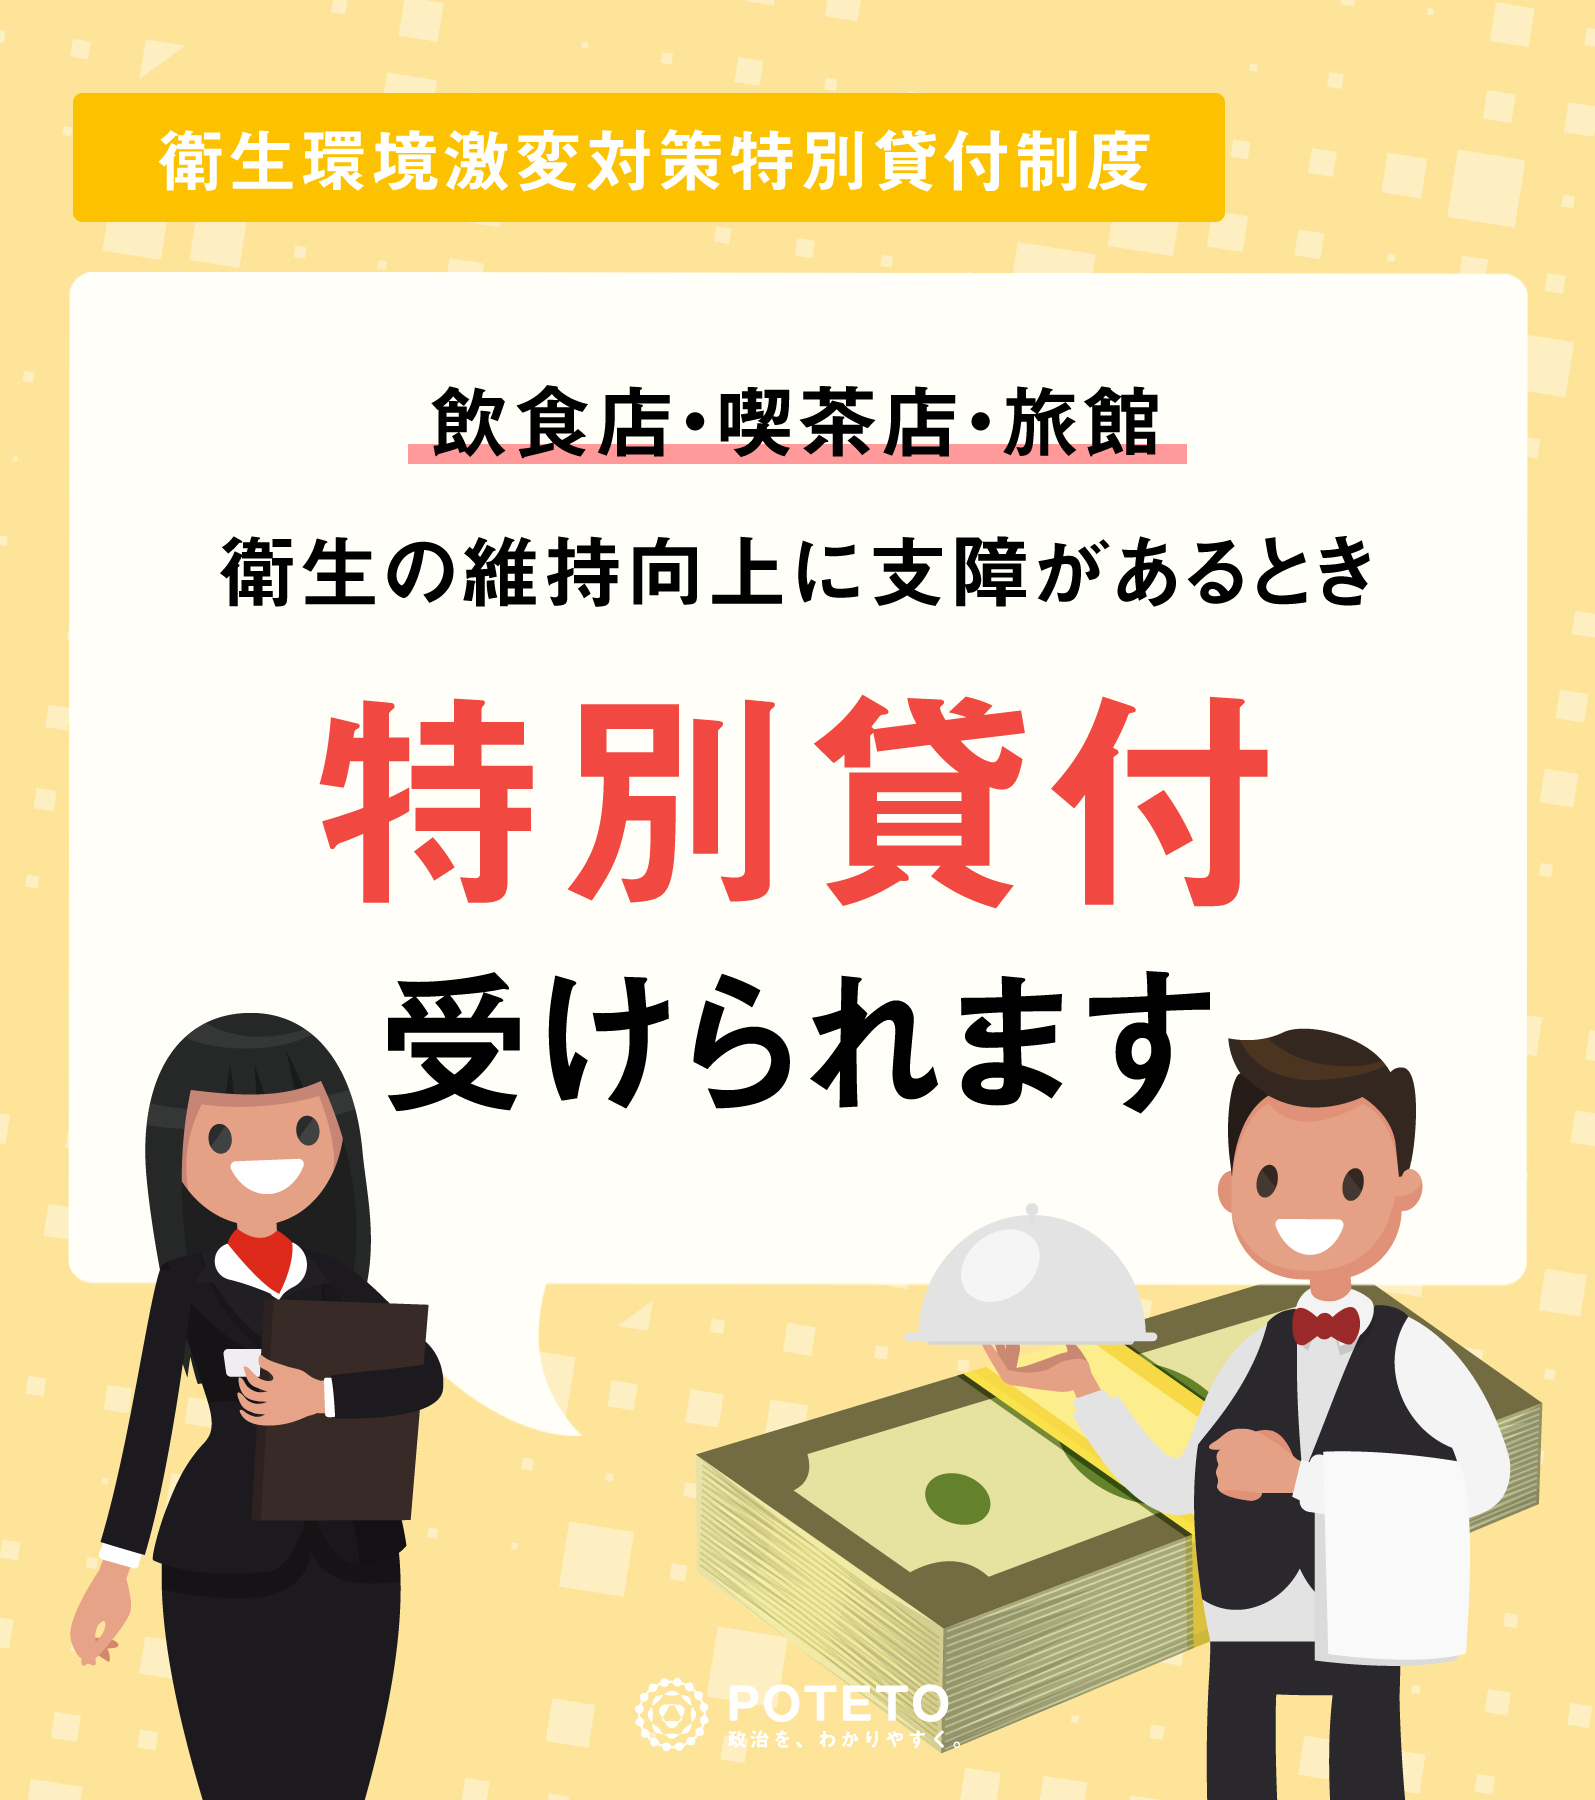 9ab6ce4b4bae6ce4c1dcb9e5af0d1f27 - 【飲食店・喫茶店・旅館業向け】少しでも業績悪化した場合、融資を受けることができます。